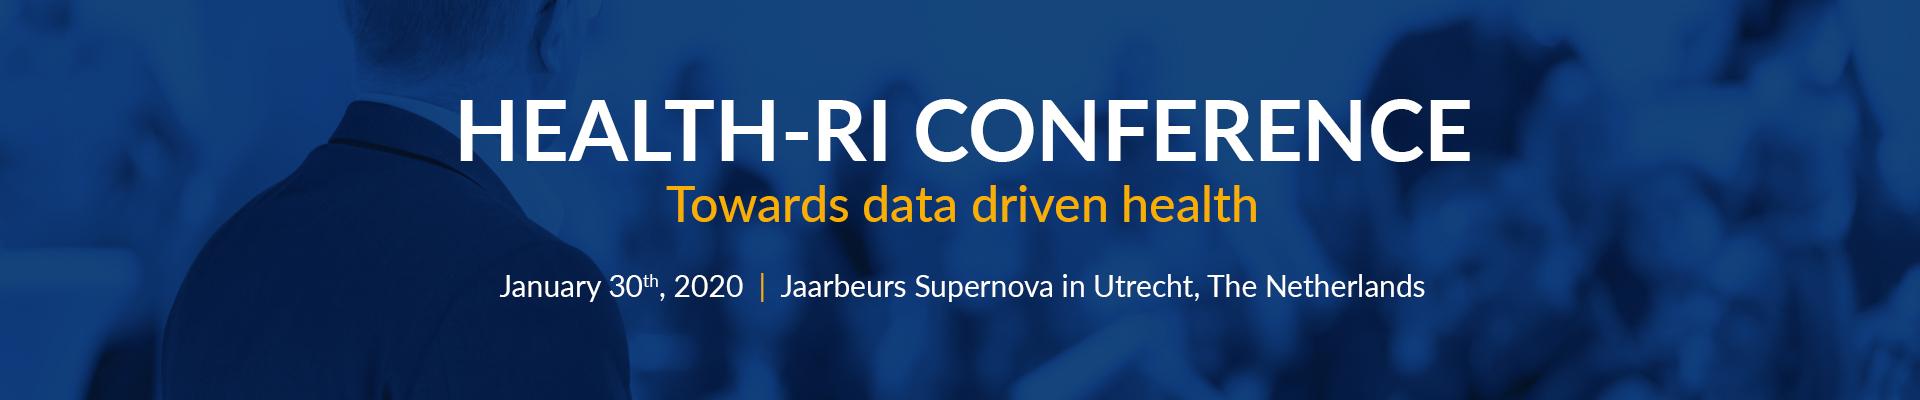 Health-RI Conference 2020